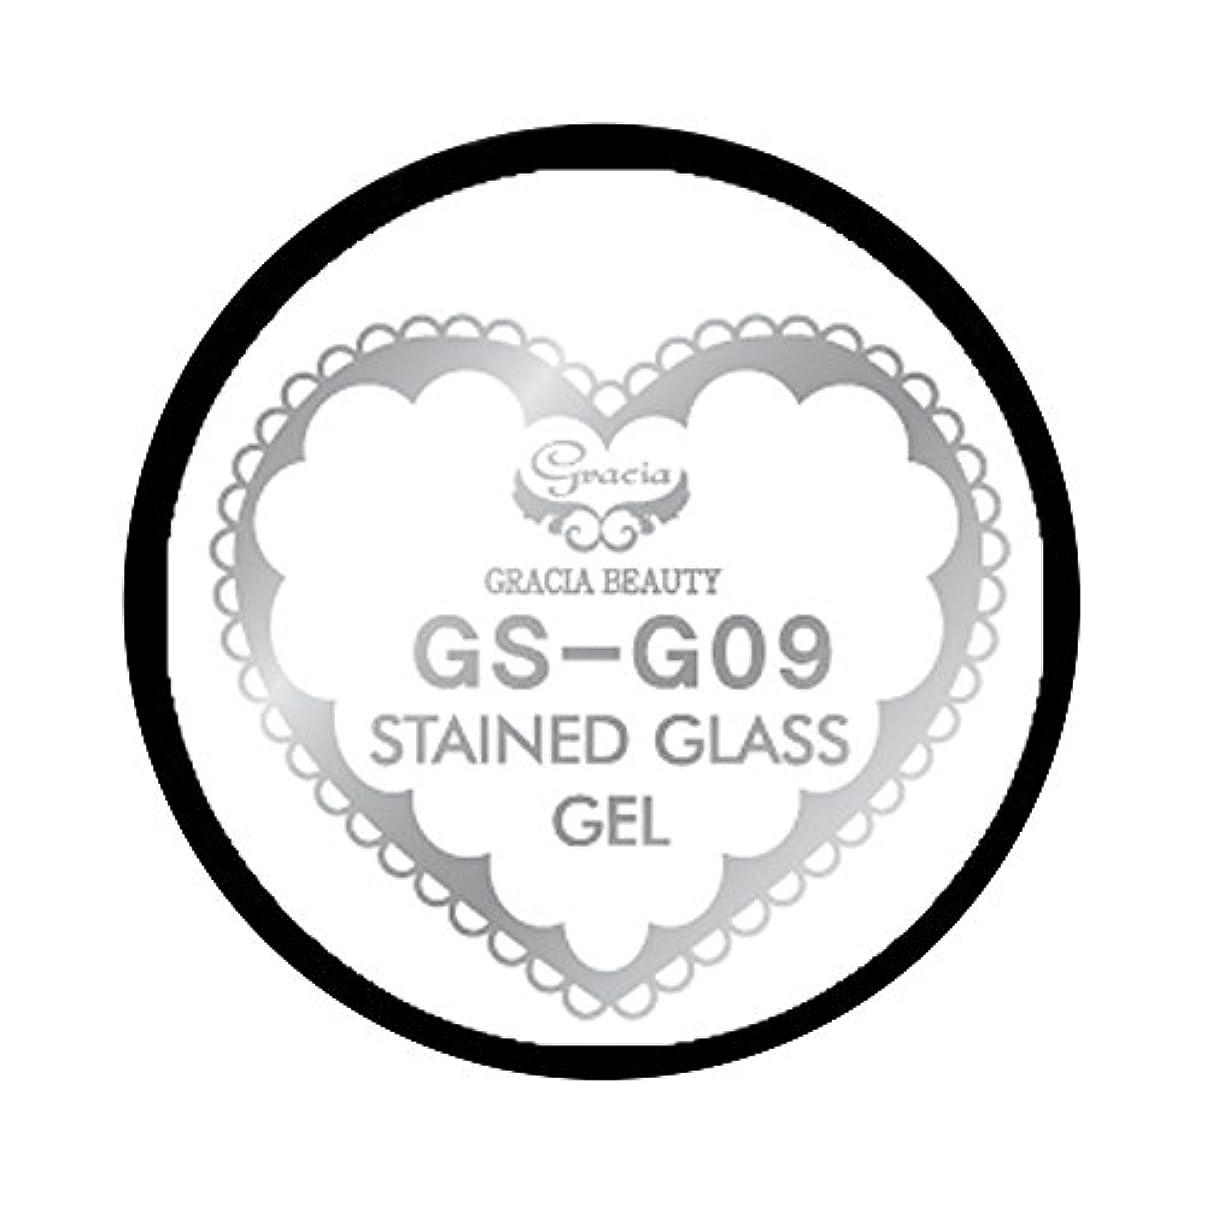 終了しましたヘビー小屋グラシア ジェルネイル ステンドグラスジェル GSM-G09 3g  グリッター UV/LED対応 カラージェル ソークオフジェル ガラスのような透明感